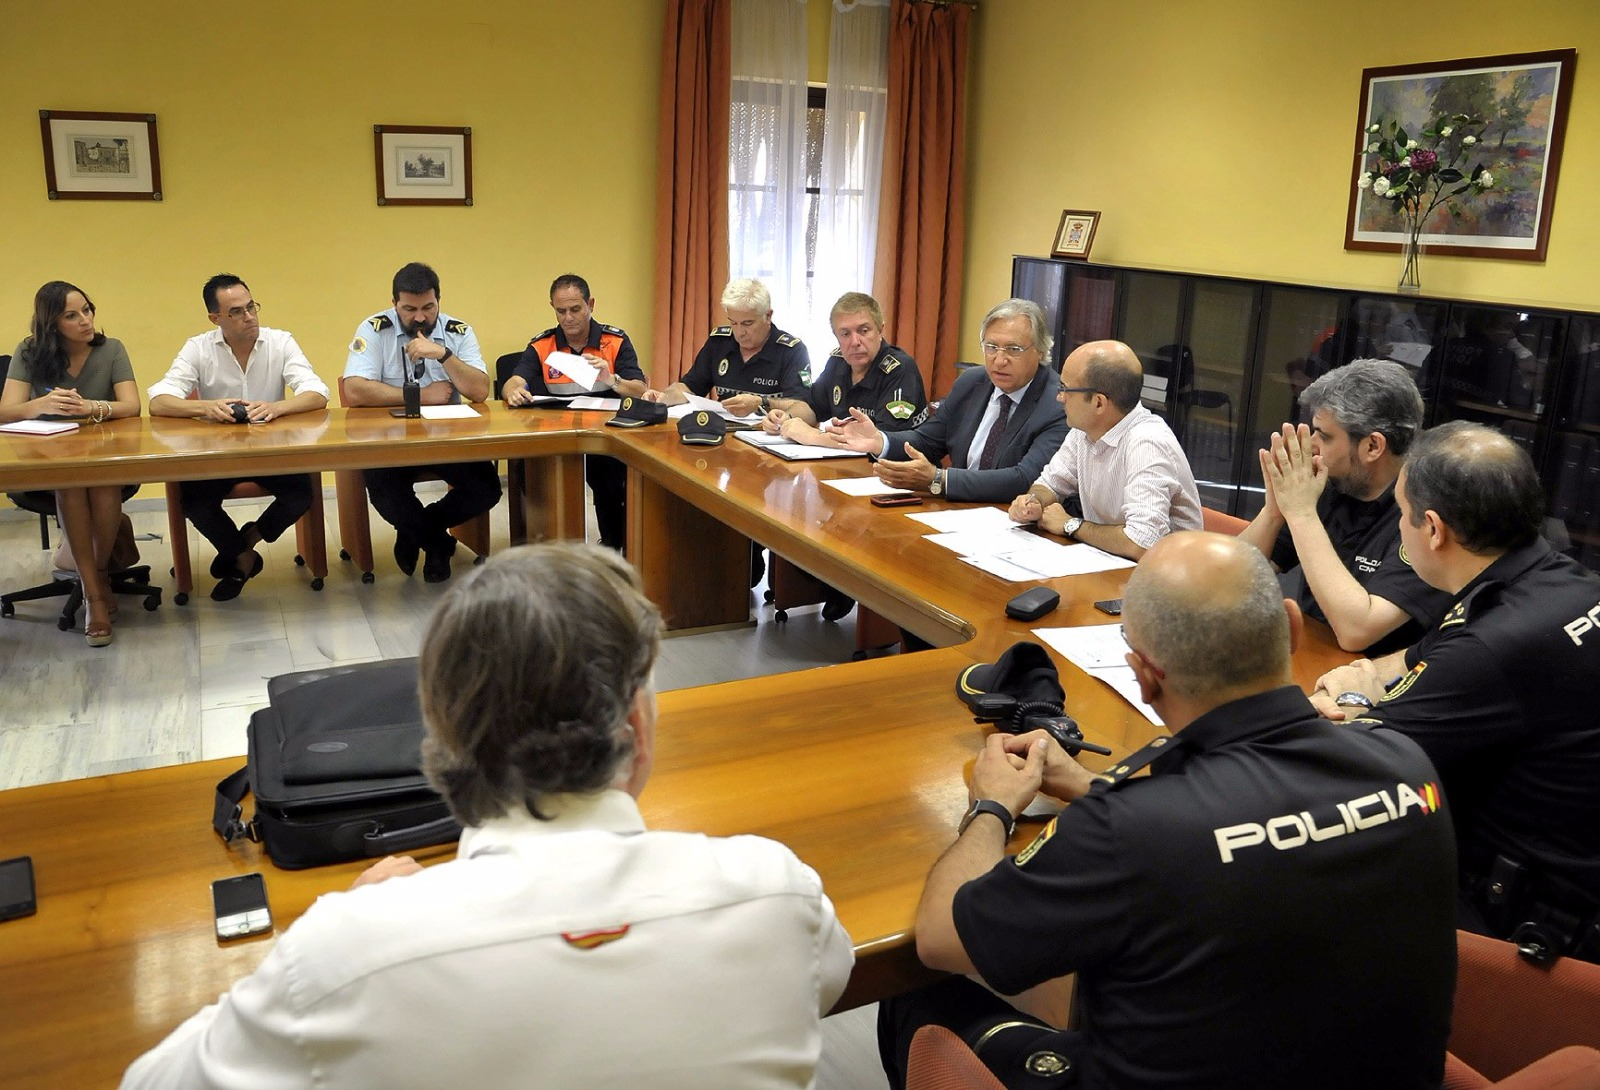 La Unión de Hermandades asiste a la mesa de seguridad de Semana Santa